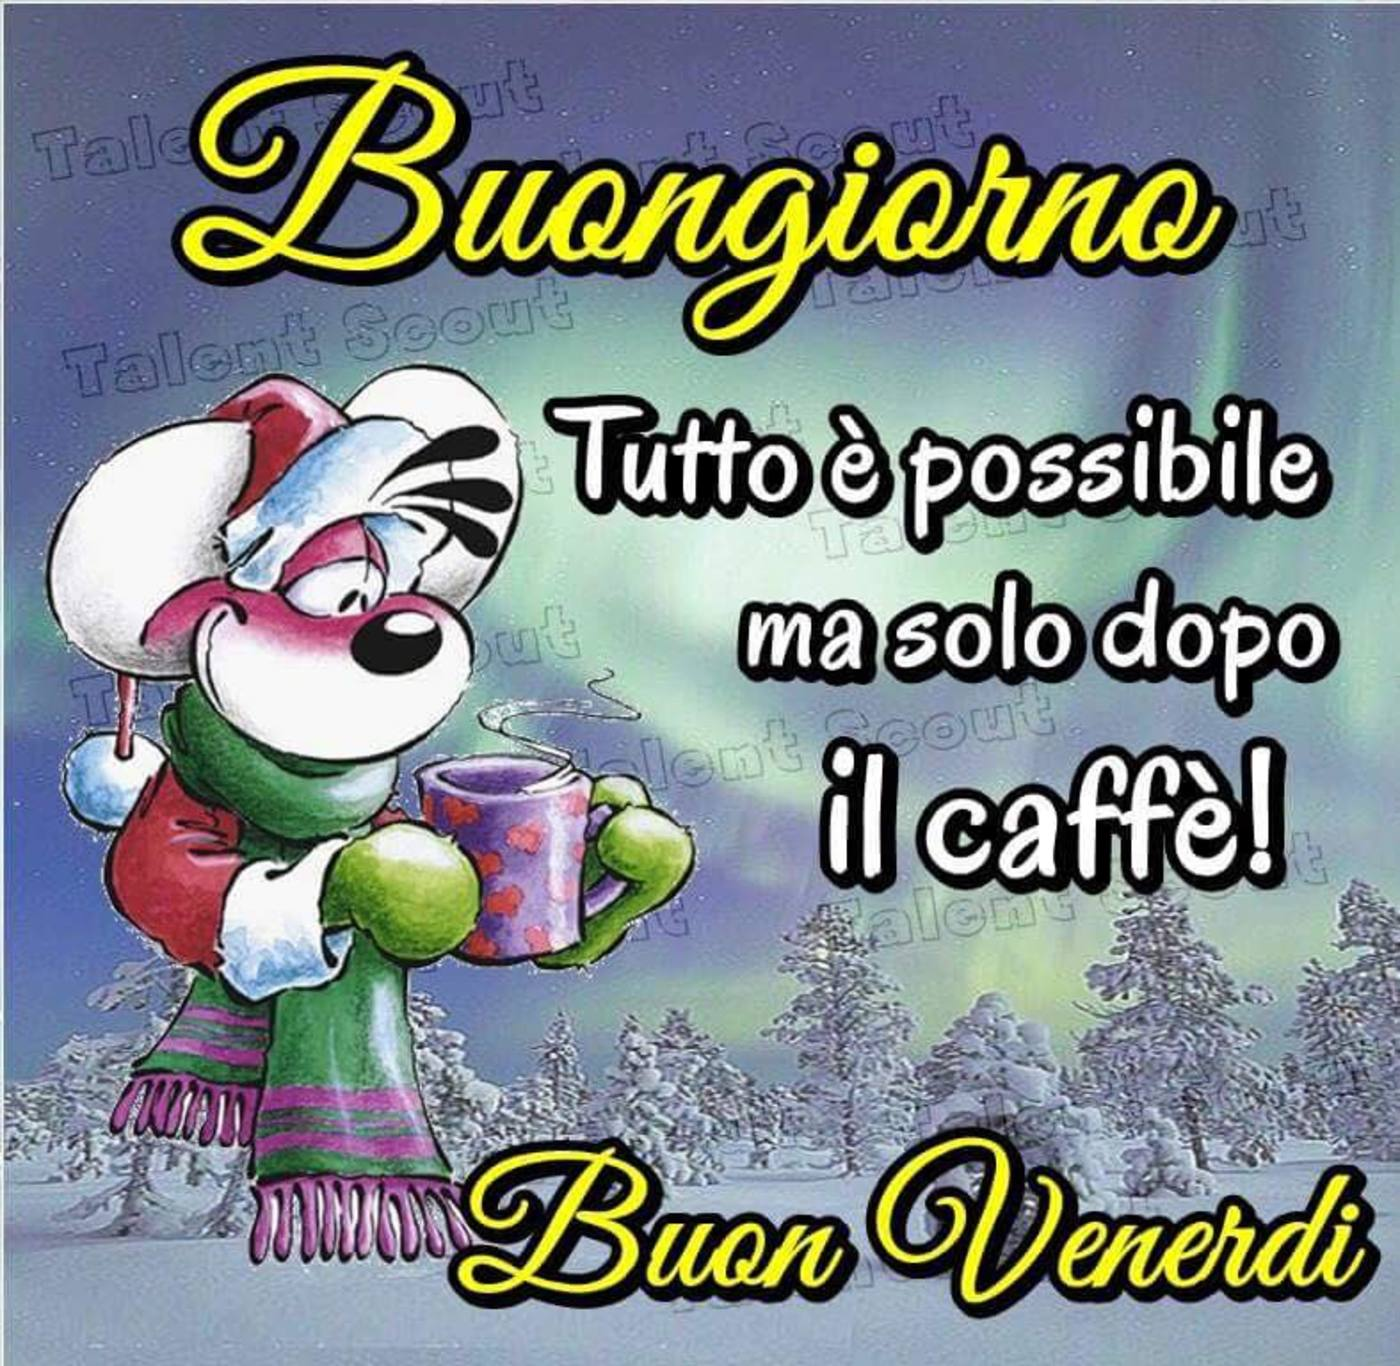 Buon Venerdì Divertenti Archives Buongiornoate It